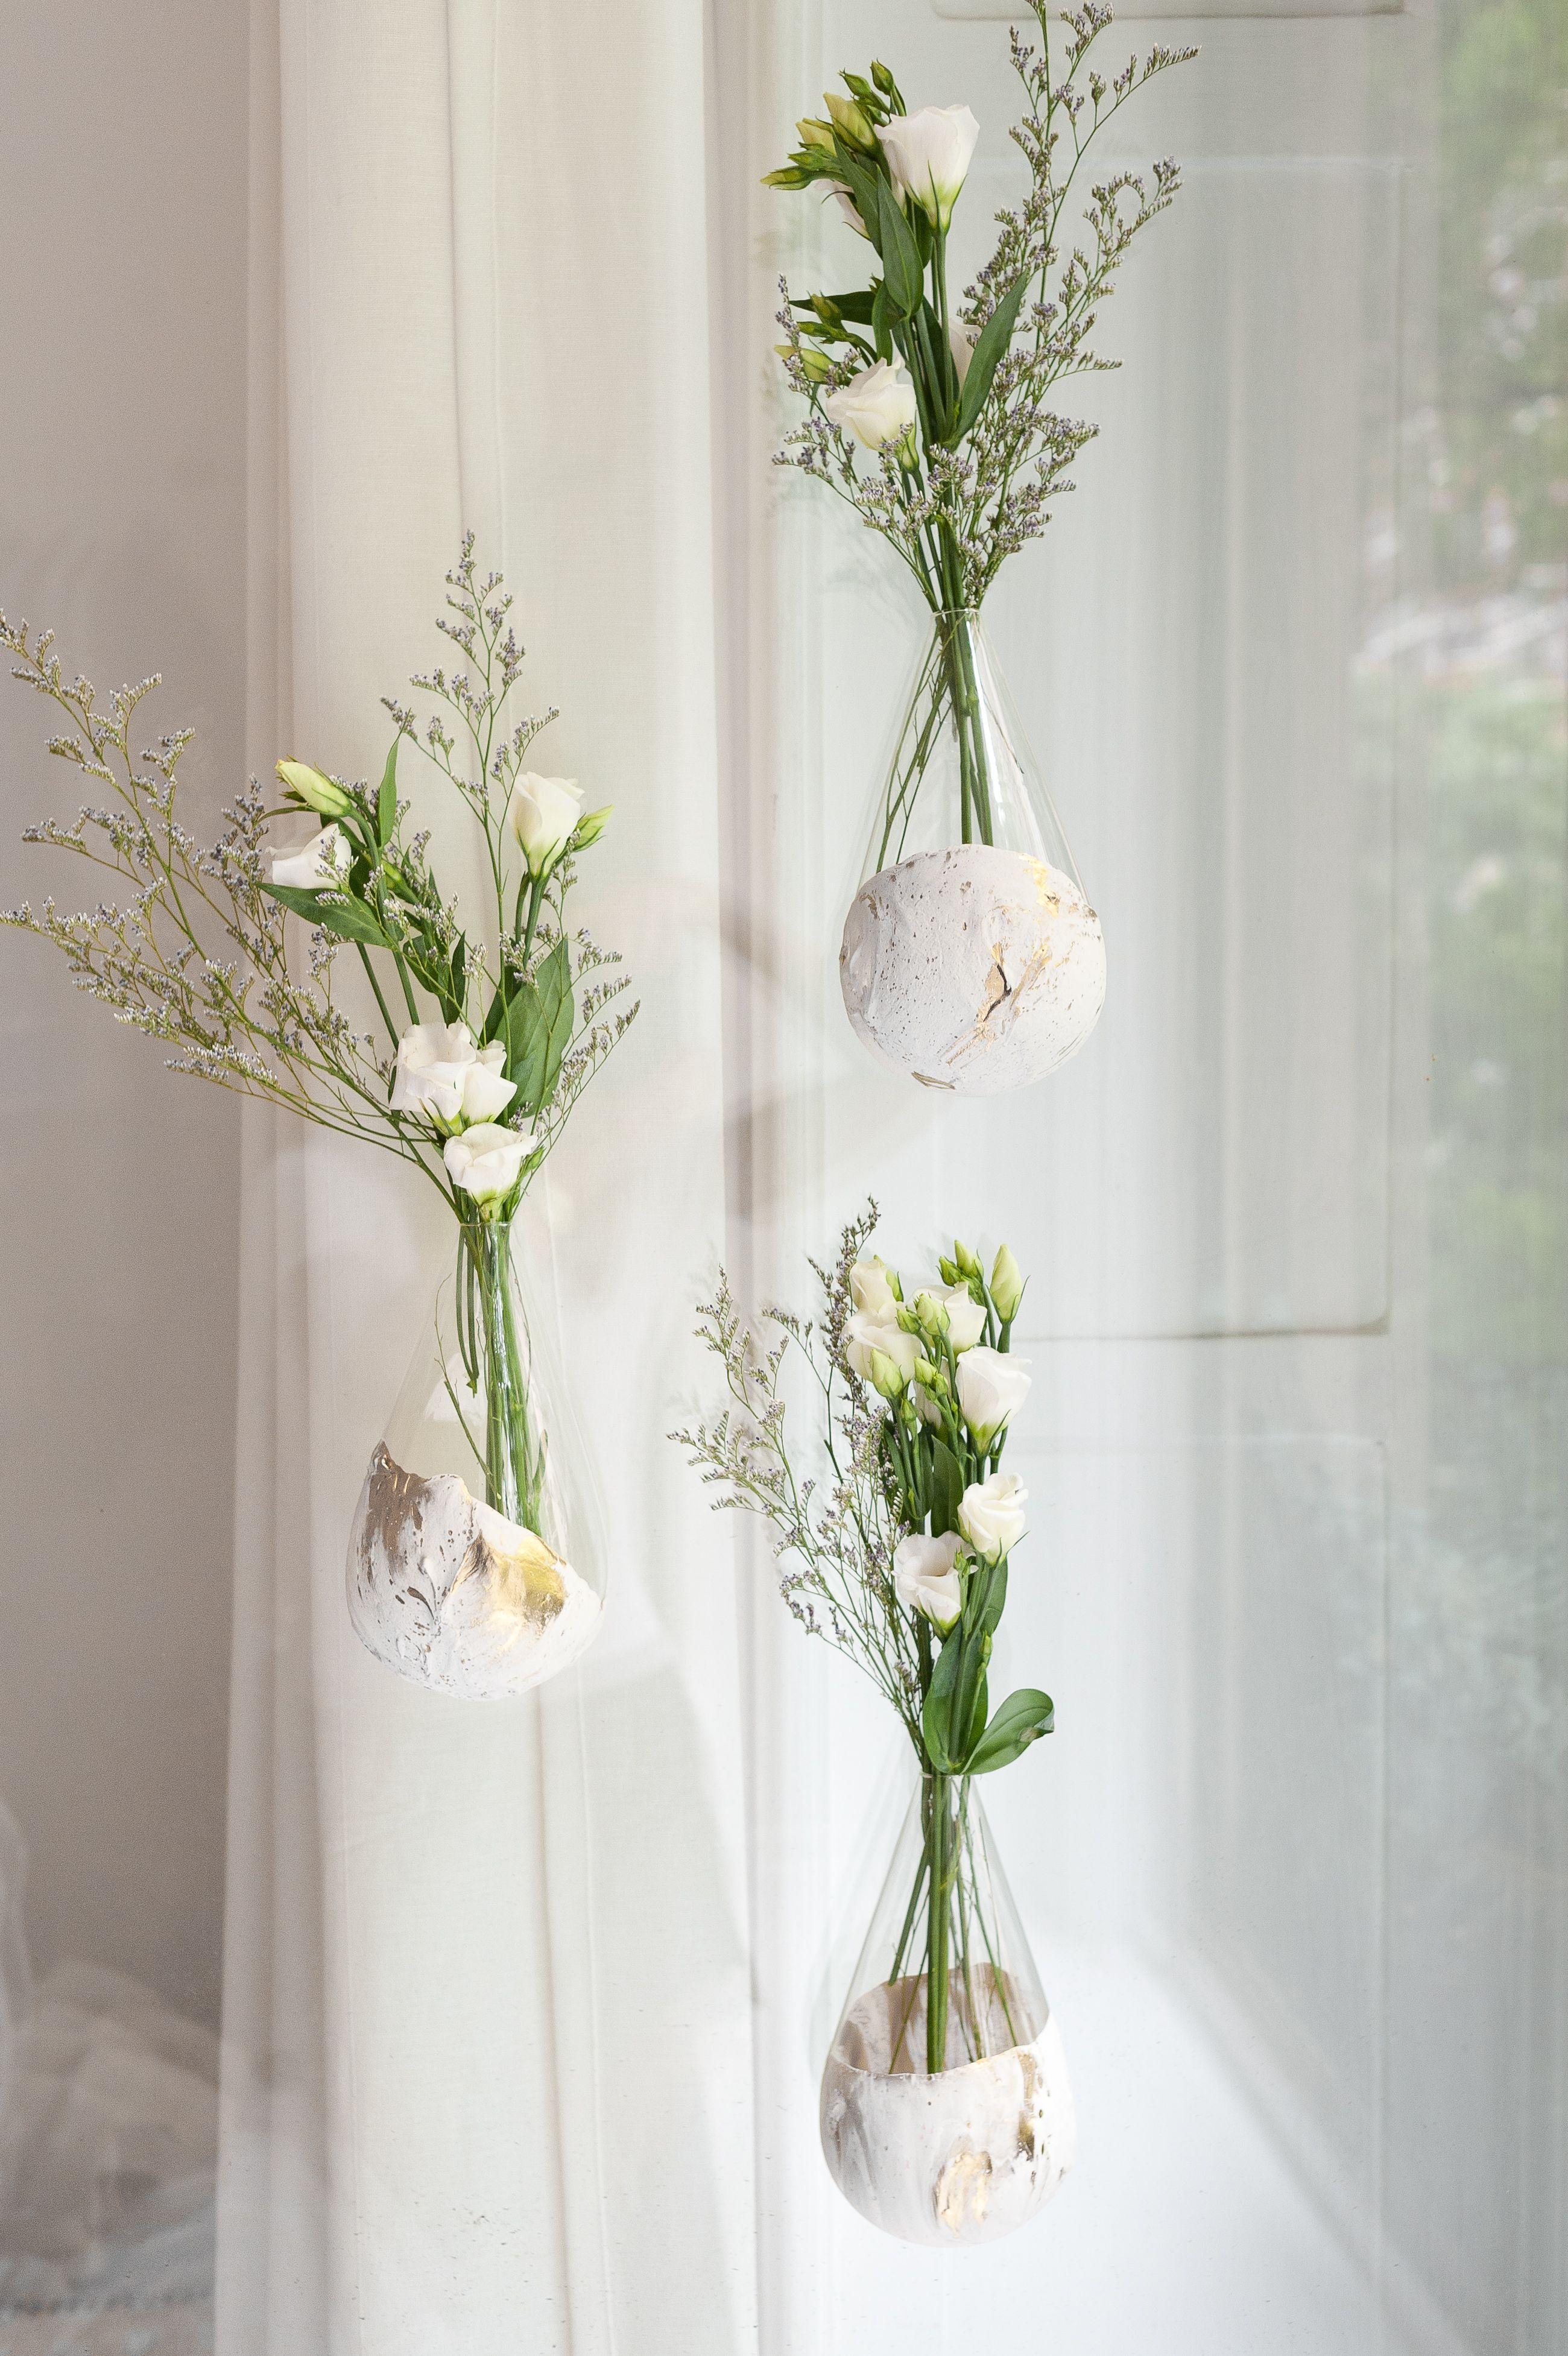 Get Creative Make A Marbled Plaster Hanging Vase For Wall Window Hanging Vases Inside Plants Decor Vase